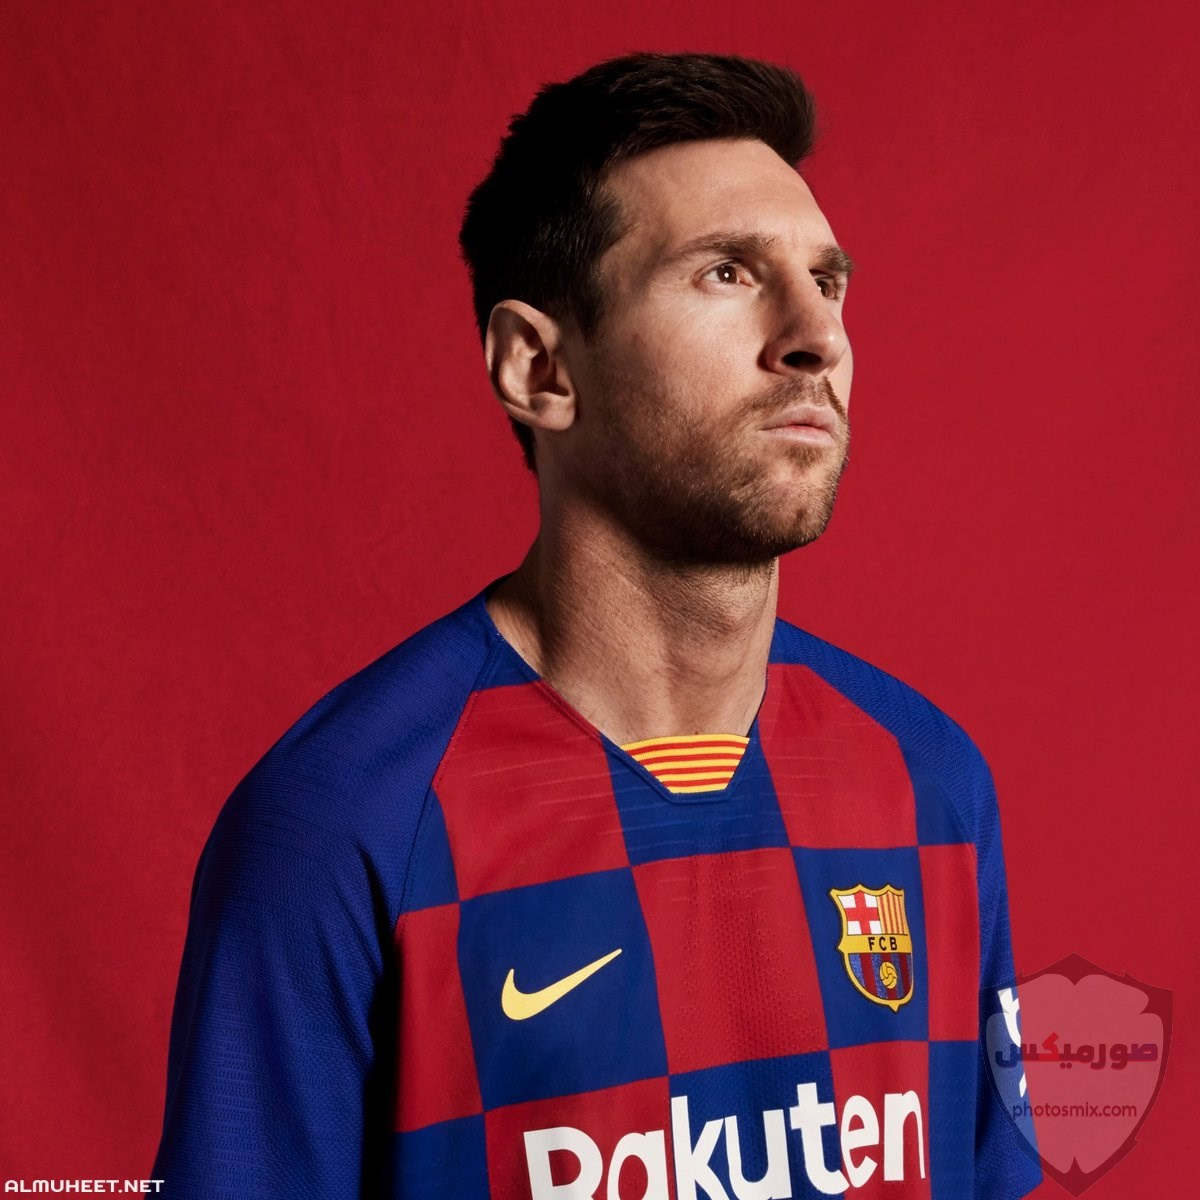 صور ميسي 2020 خلفيات صور ميسي 2020 Lionel Messi 2020 10